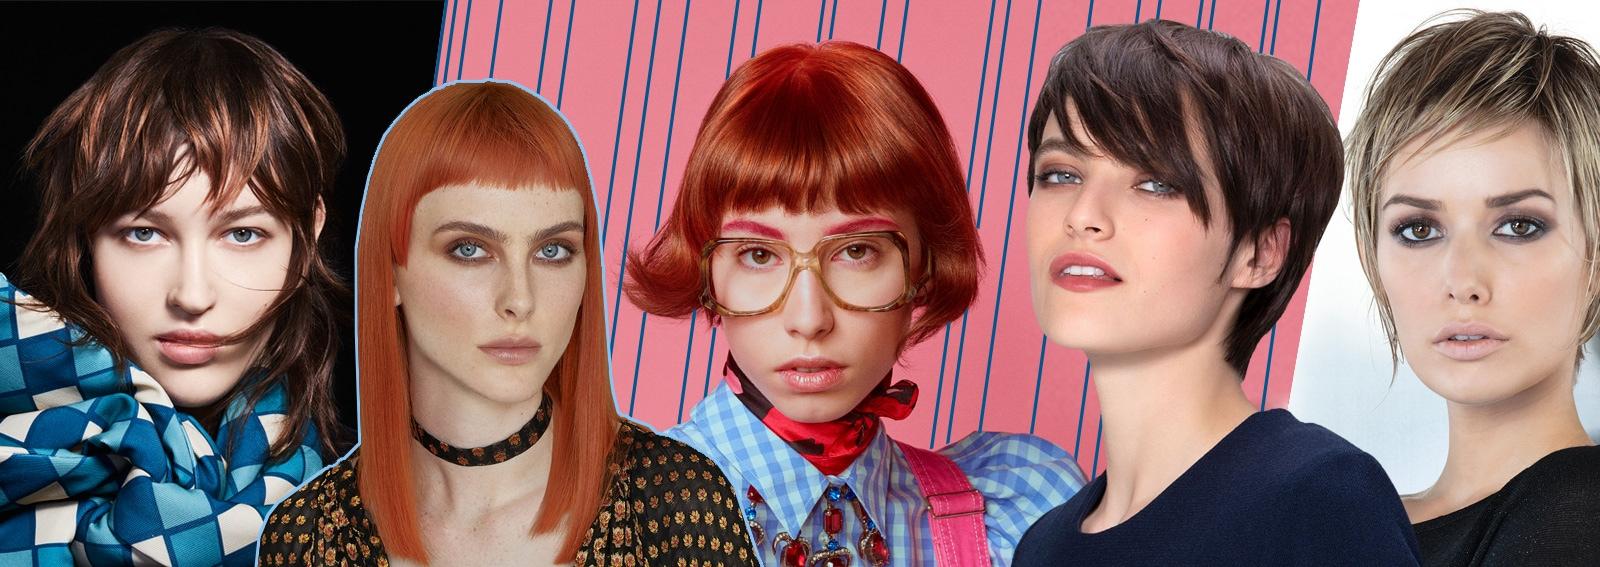 stile frangia capelli saloni autunno inverno 2018 2019 cover desktop